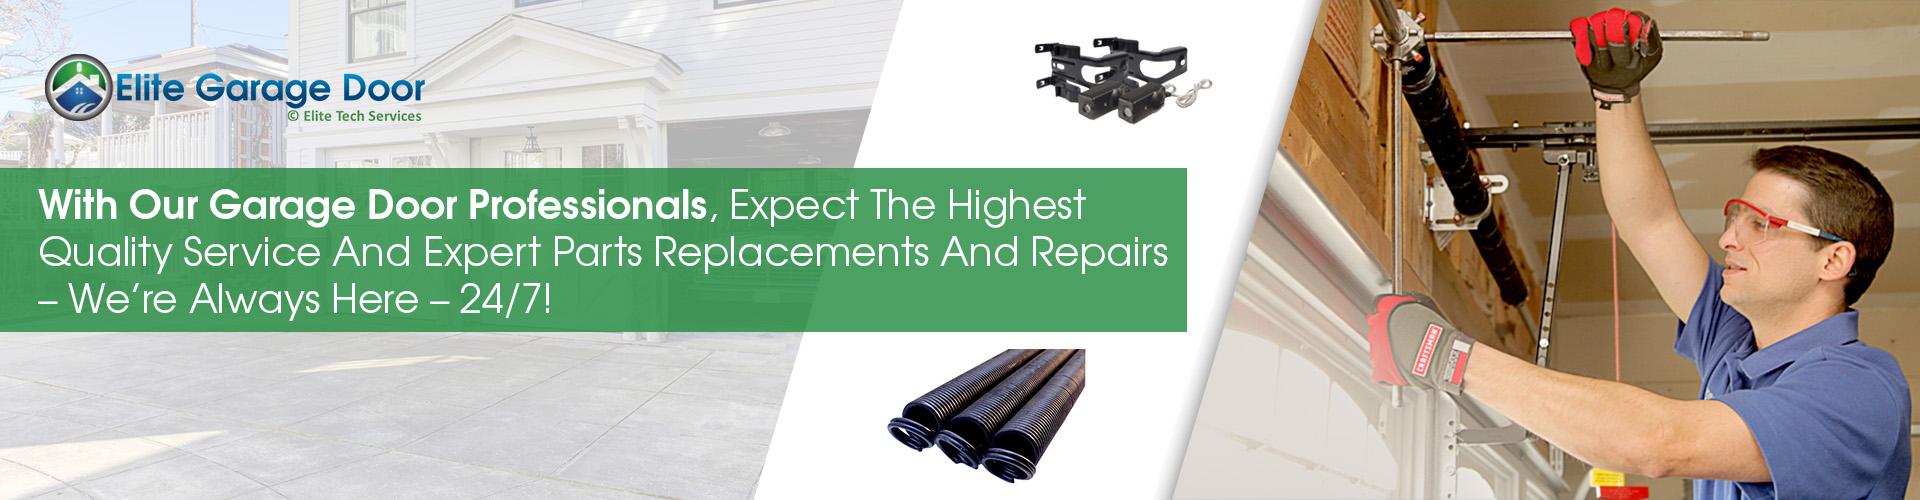 Garage Door Drums Replacement - Elite Tech Services, LLC